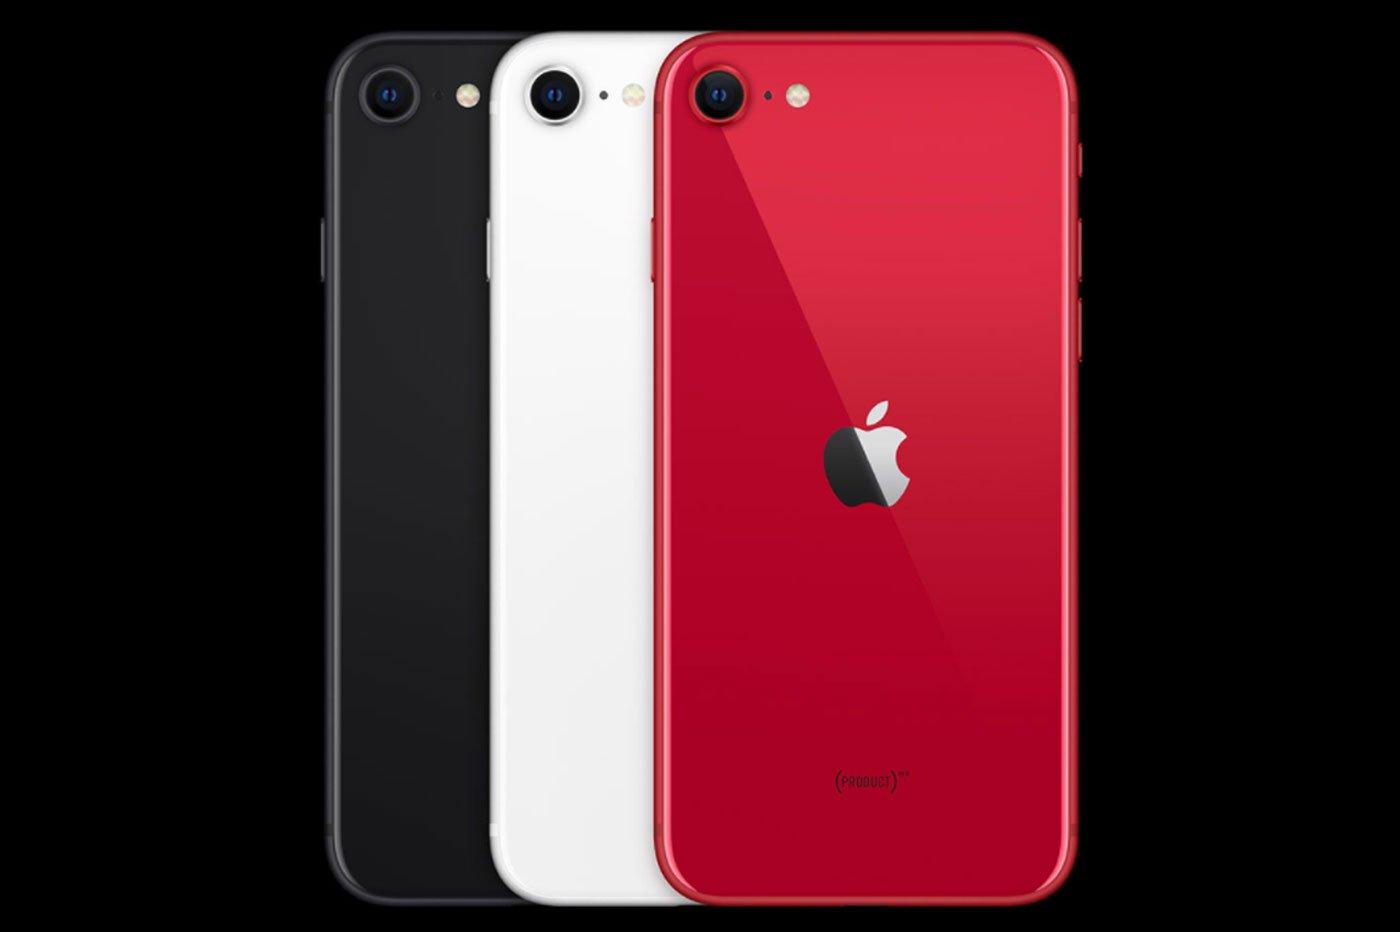 Coloris iPhone SE 2020